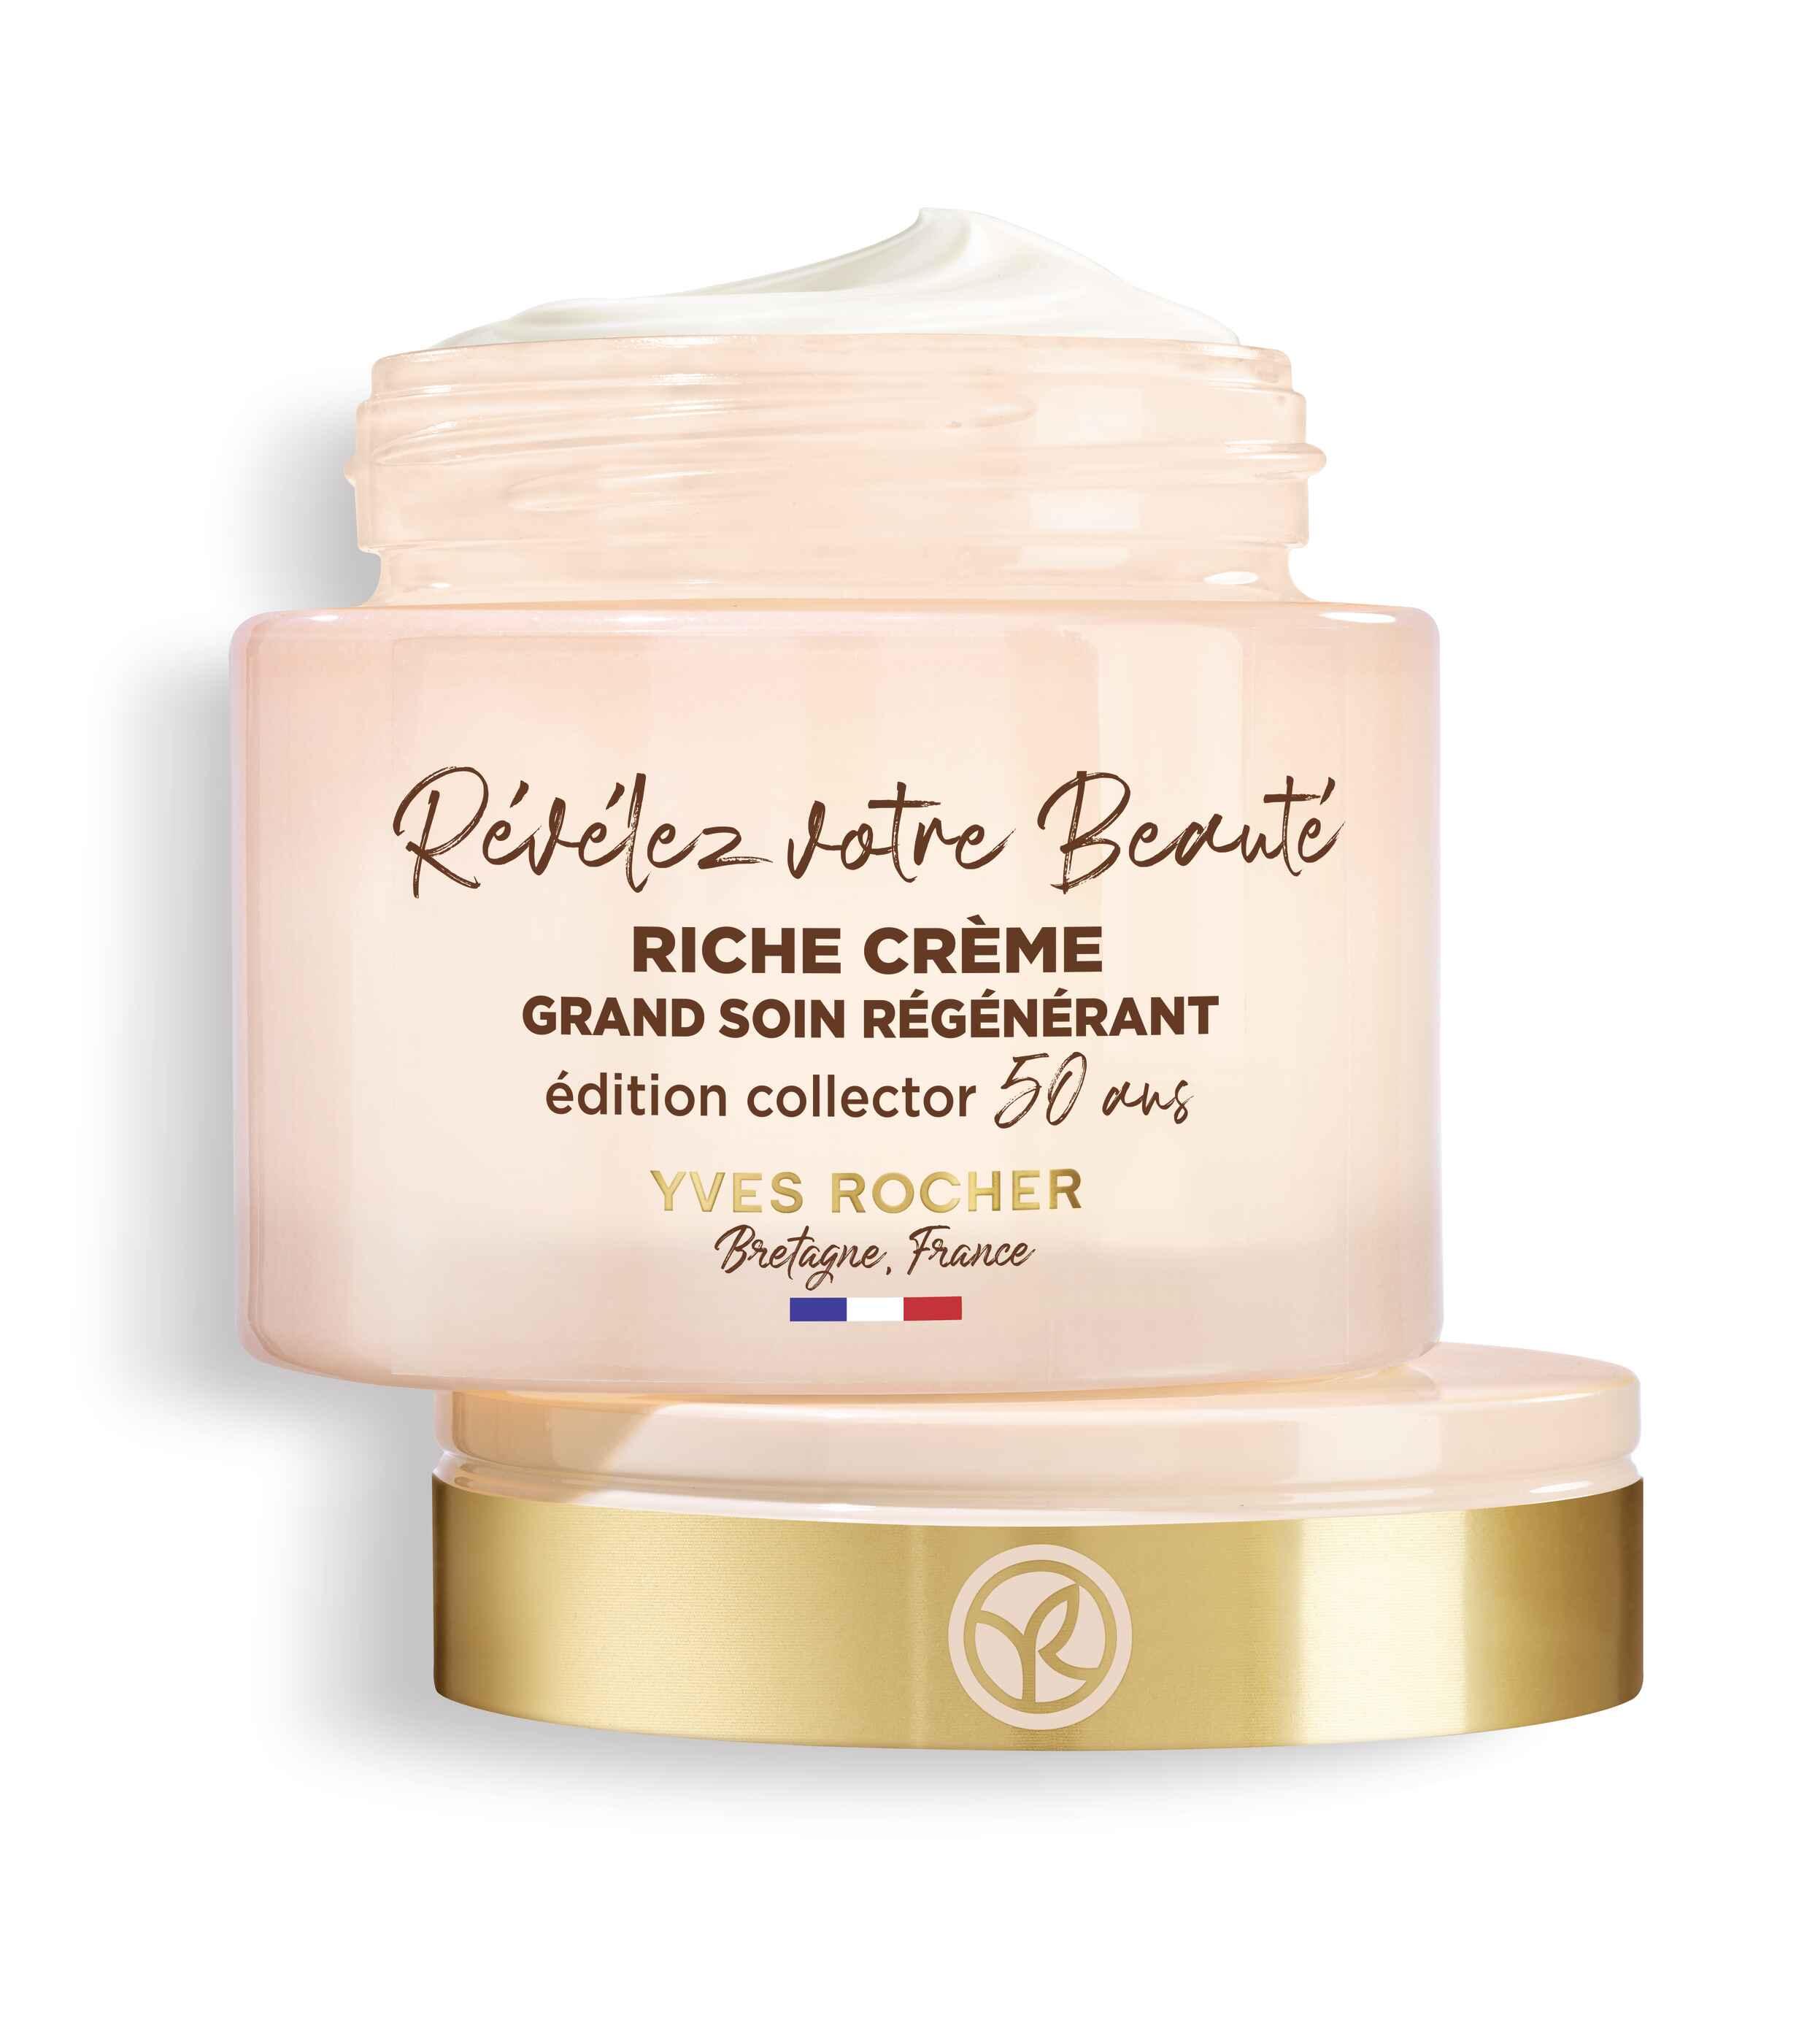 Восстанавливающий крем глубокого действия Yves Rocher Riche Crème